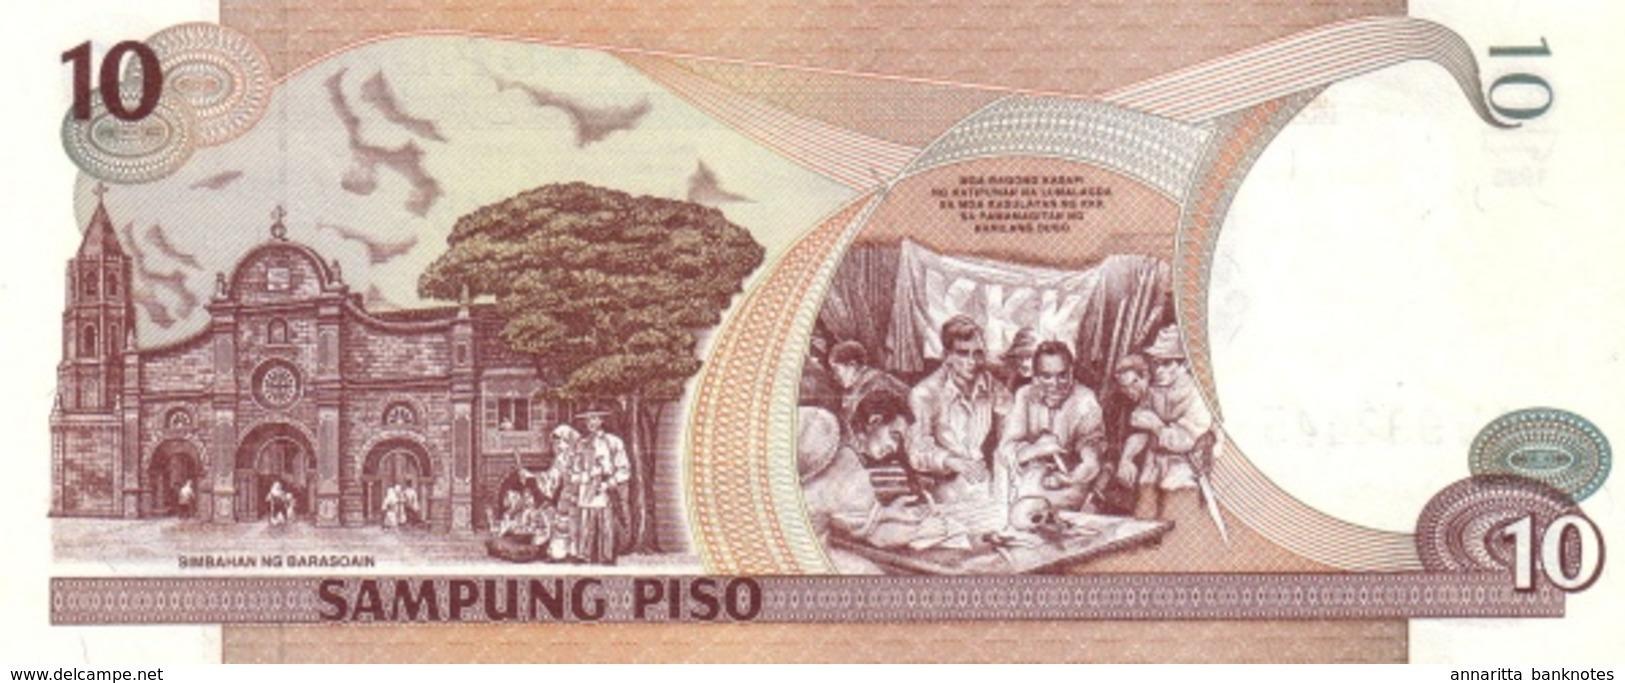 PHILIPPINES 10 PISO (PESOS) 1998 P-187c UNC WMK: MABINI & BONIFACIO [PH1041c] - Philippines